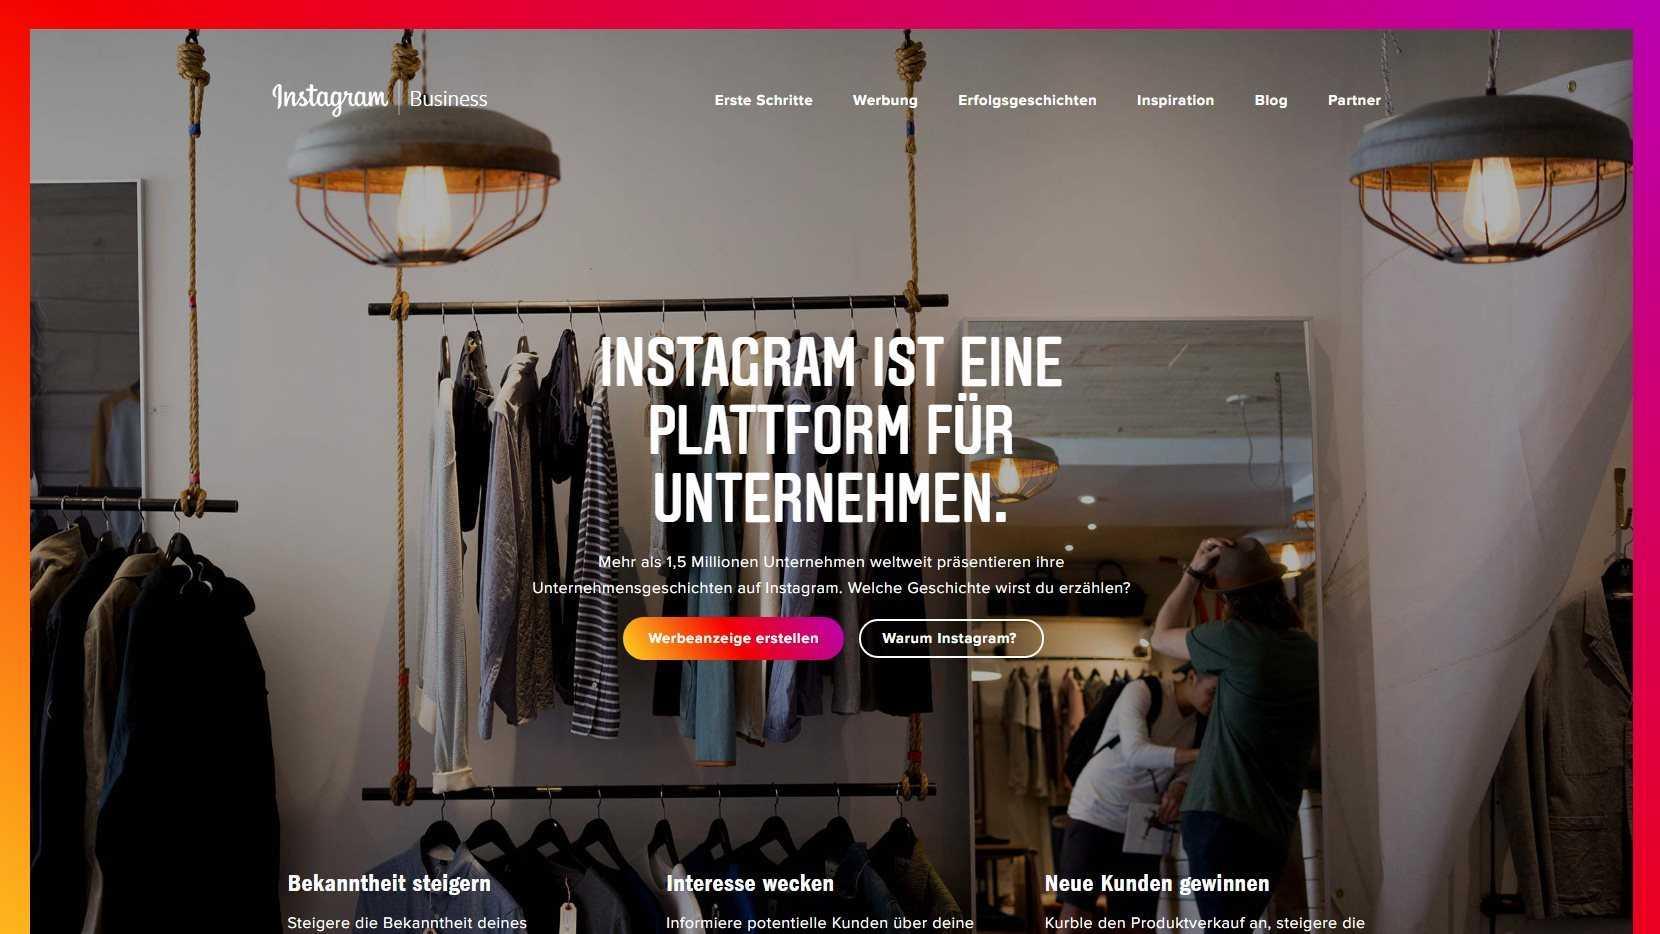 """Instagram ist soziales Fotonetzwerk und immer mehr eine """"Plattform für Unternehmen""""."""